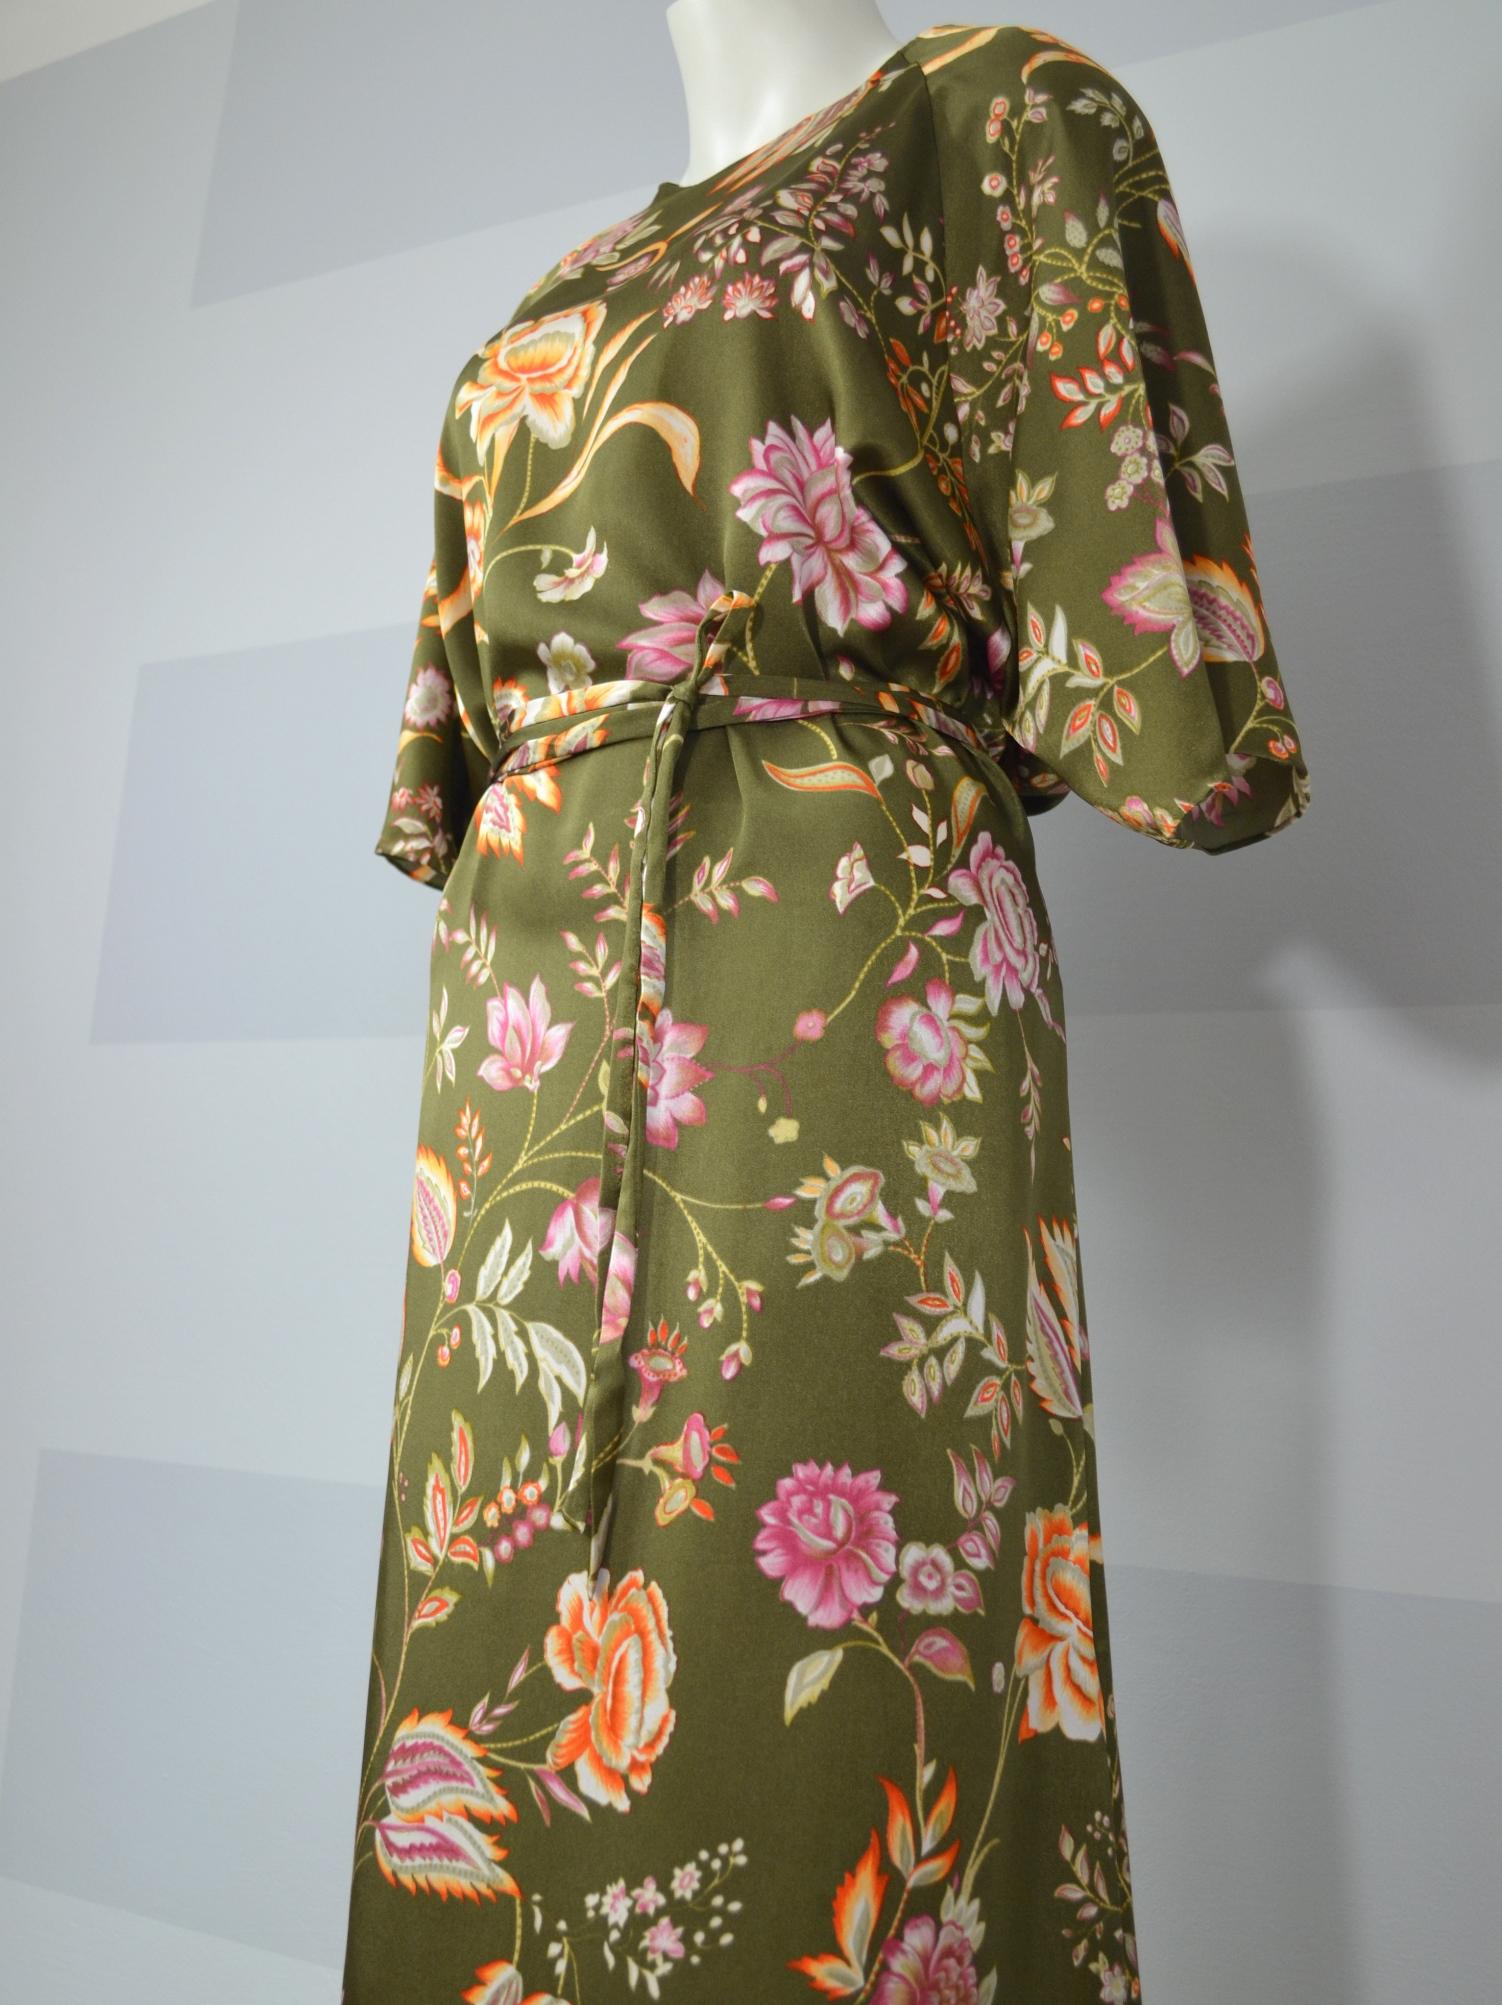 Fotografie pro model – Zelené šaty skvěty